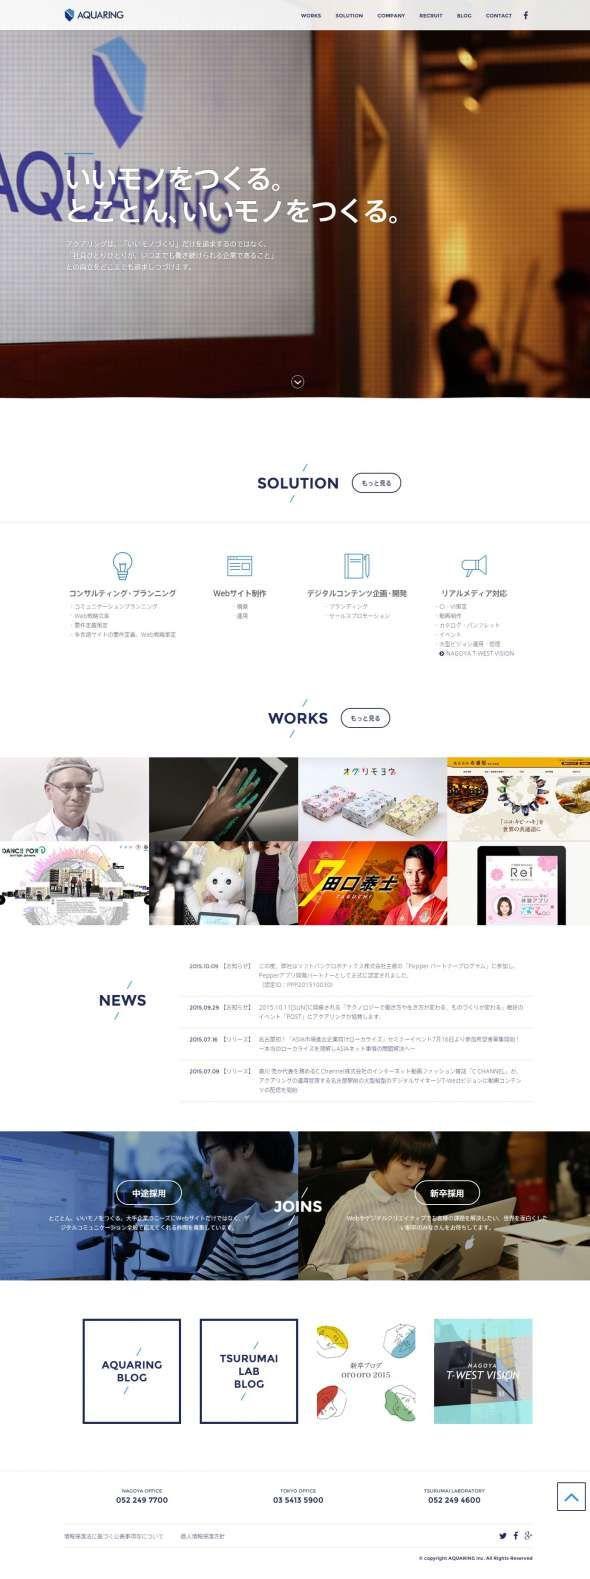 アクアリング|デジタルコミュニケーションをデザインする | WDG ウェブデザインギャラリー